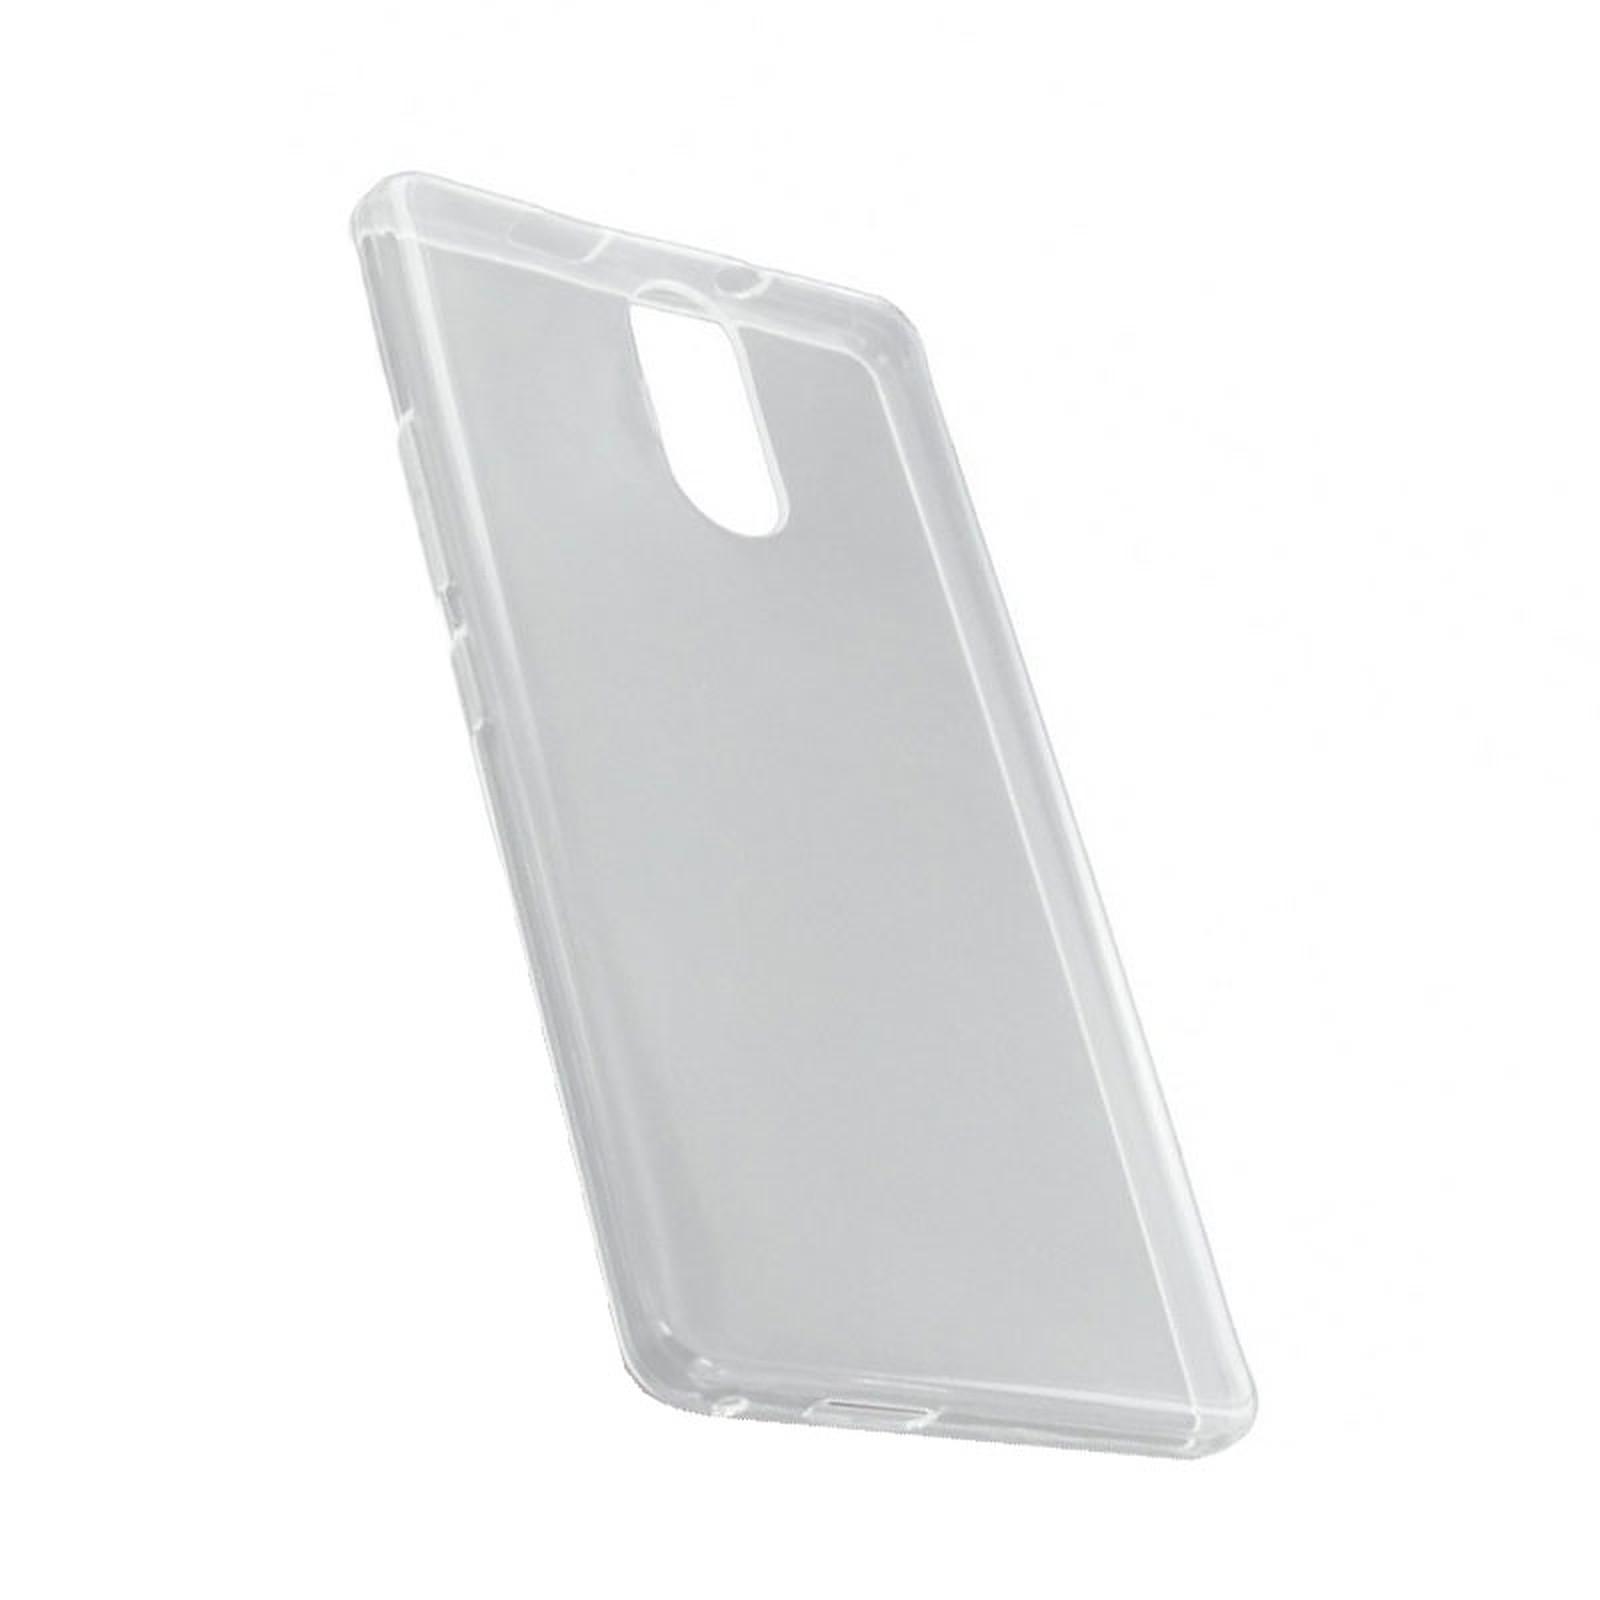 Zopo Coque silicone transparente Color F2